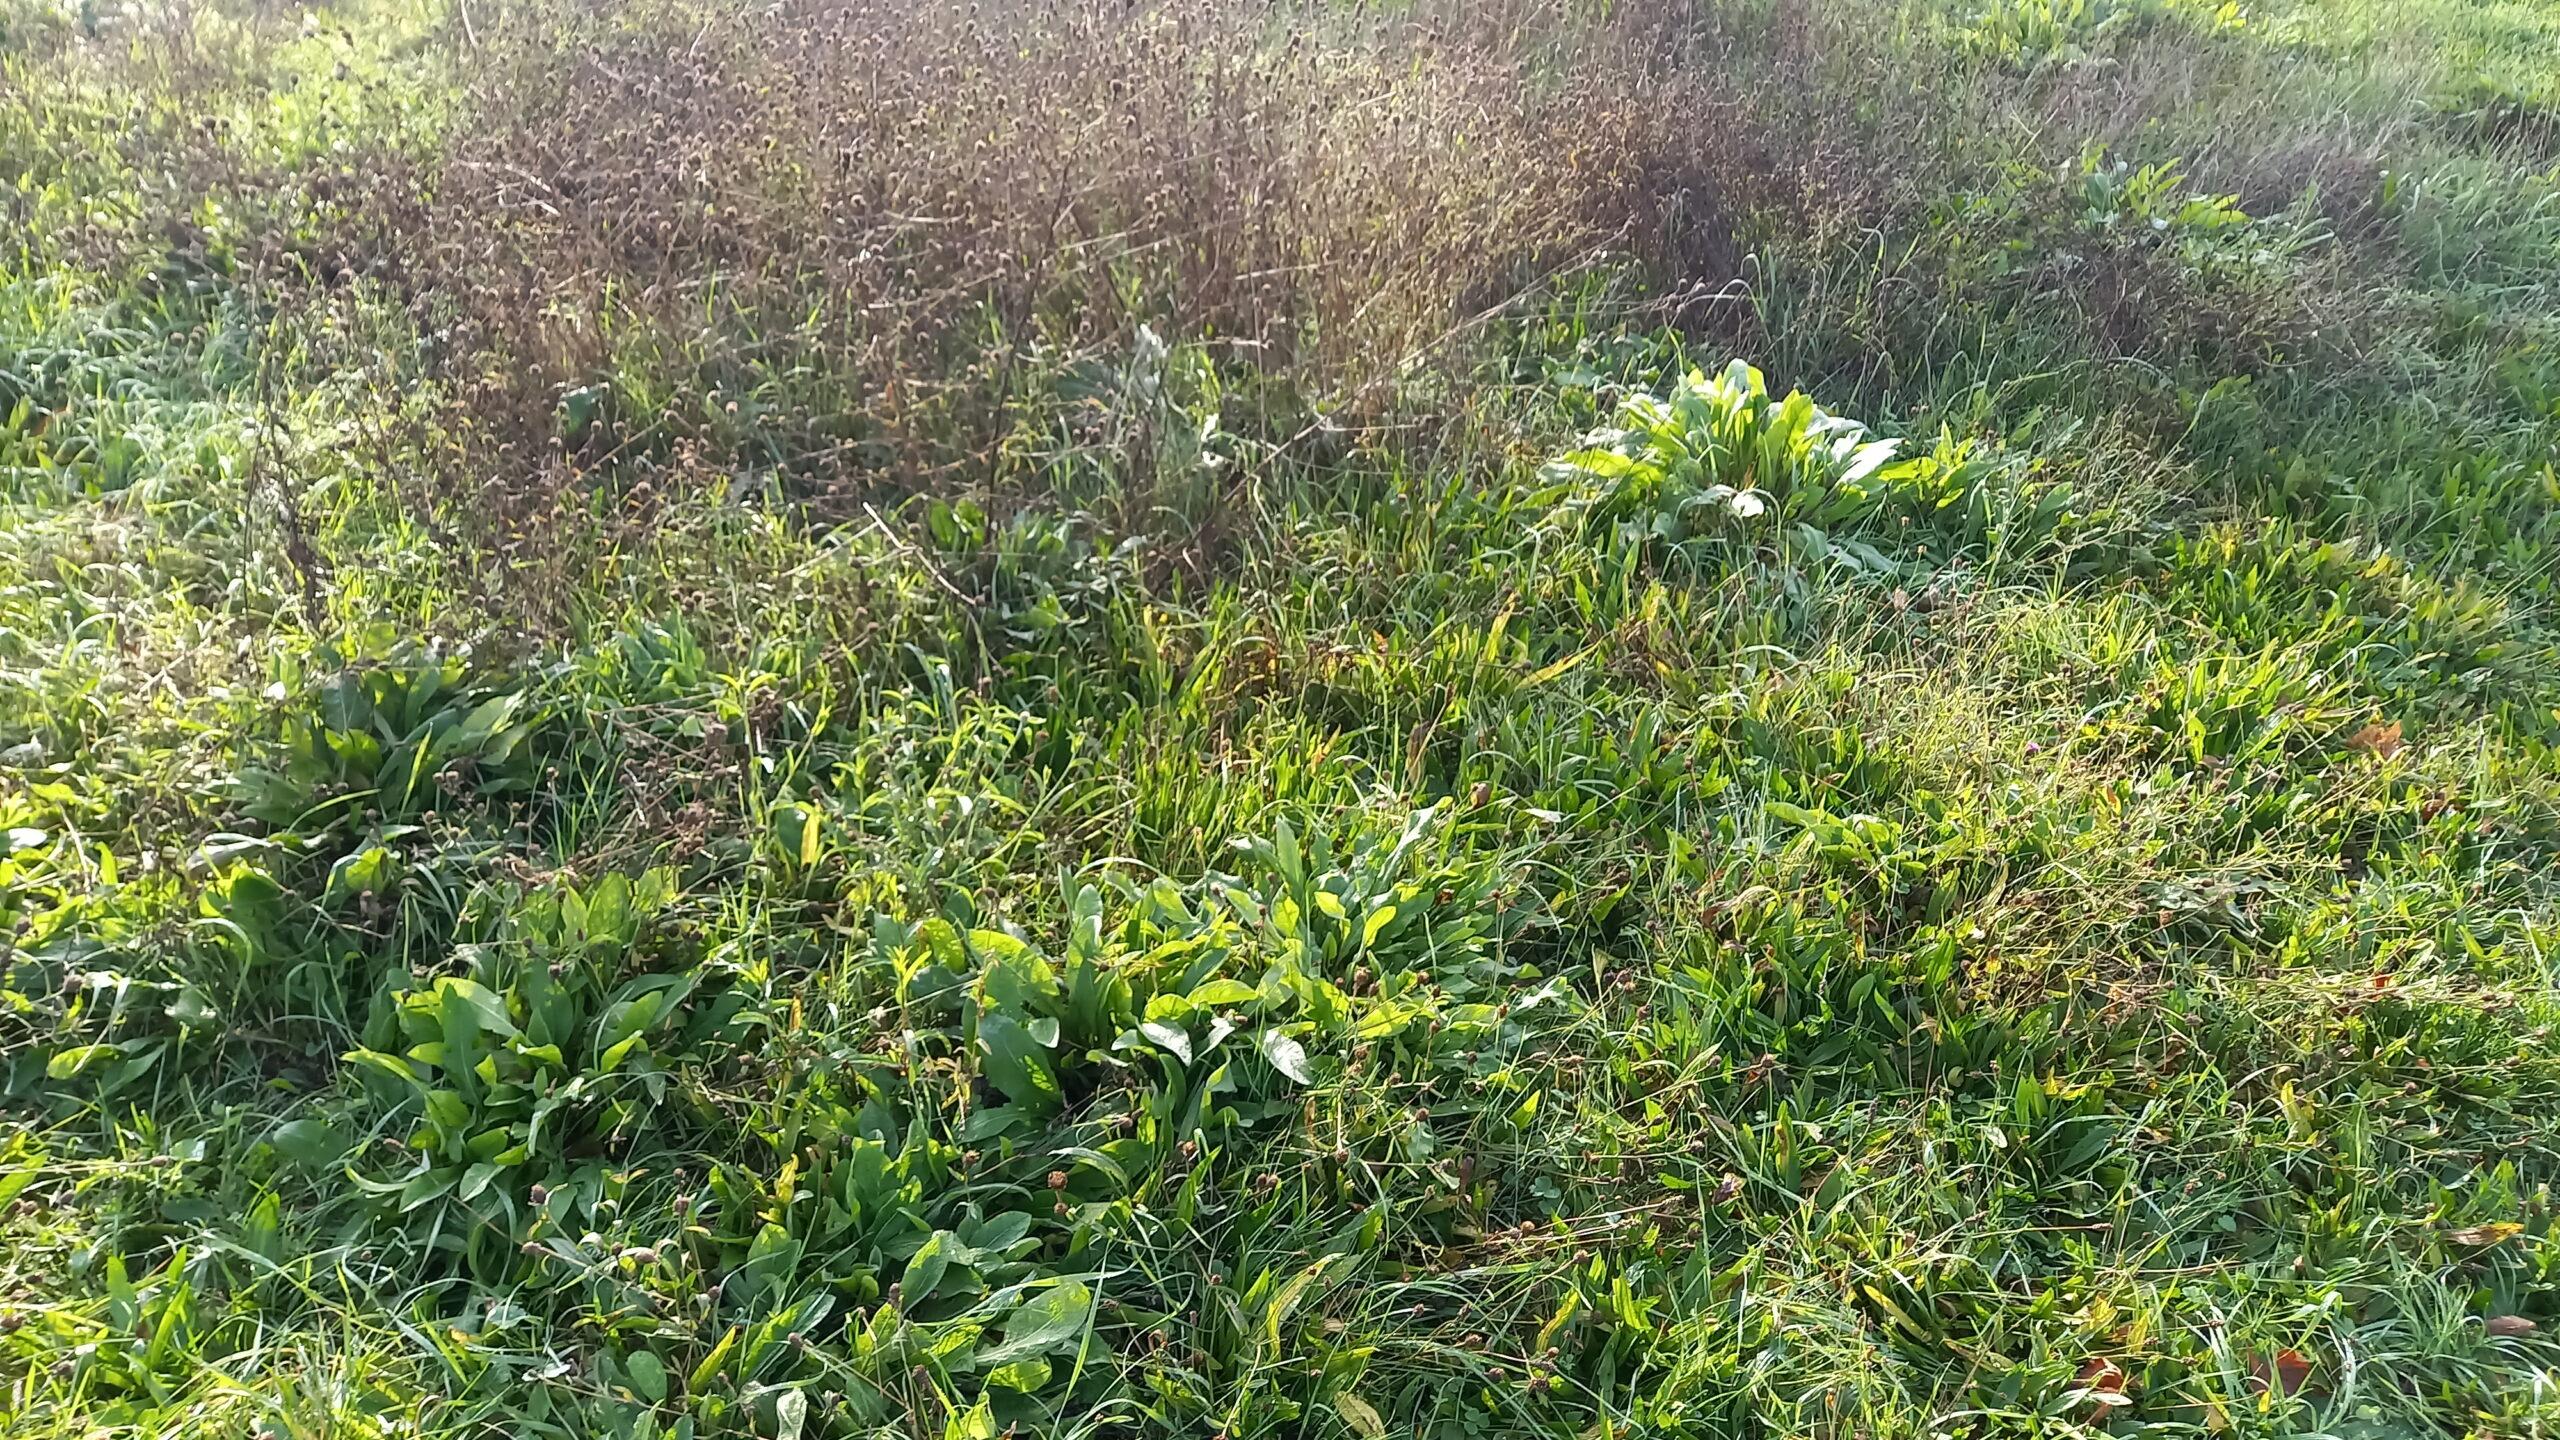 Herbes et diverses plantes sauvages.